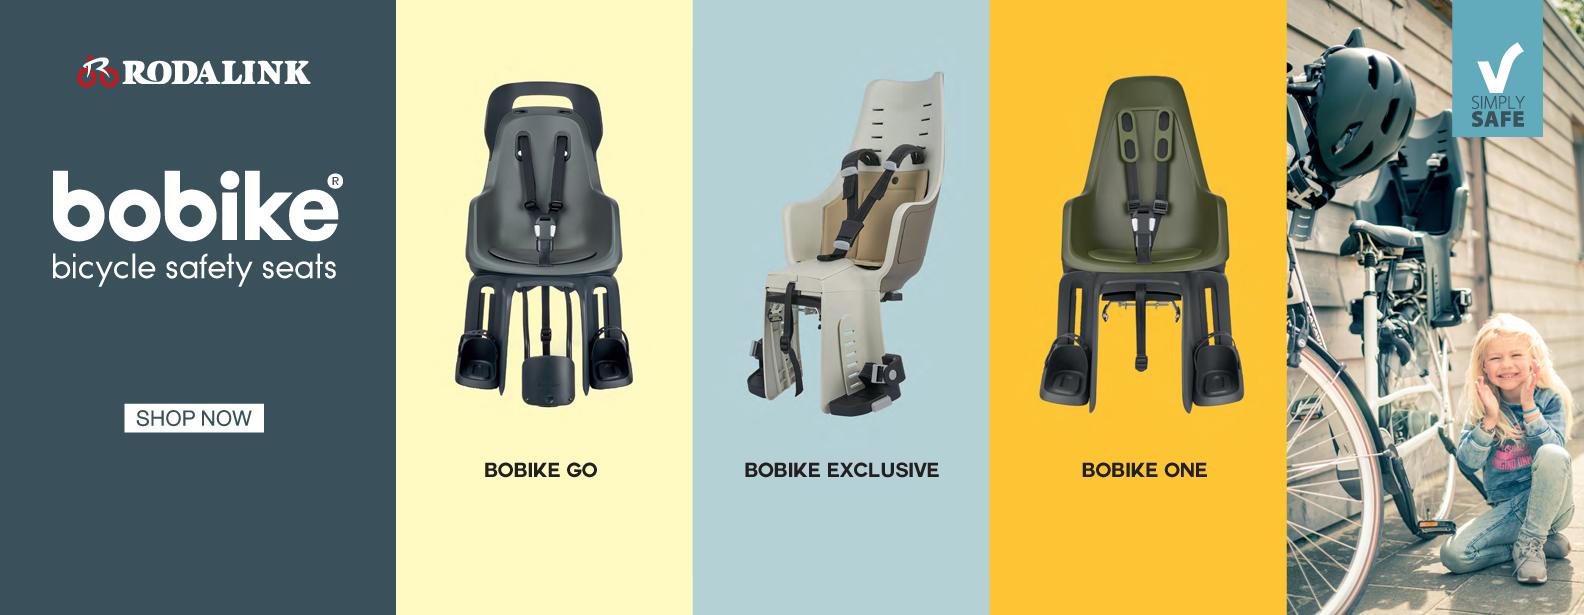 BOBIKE Child Safety Seat